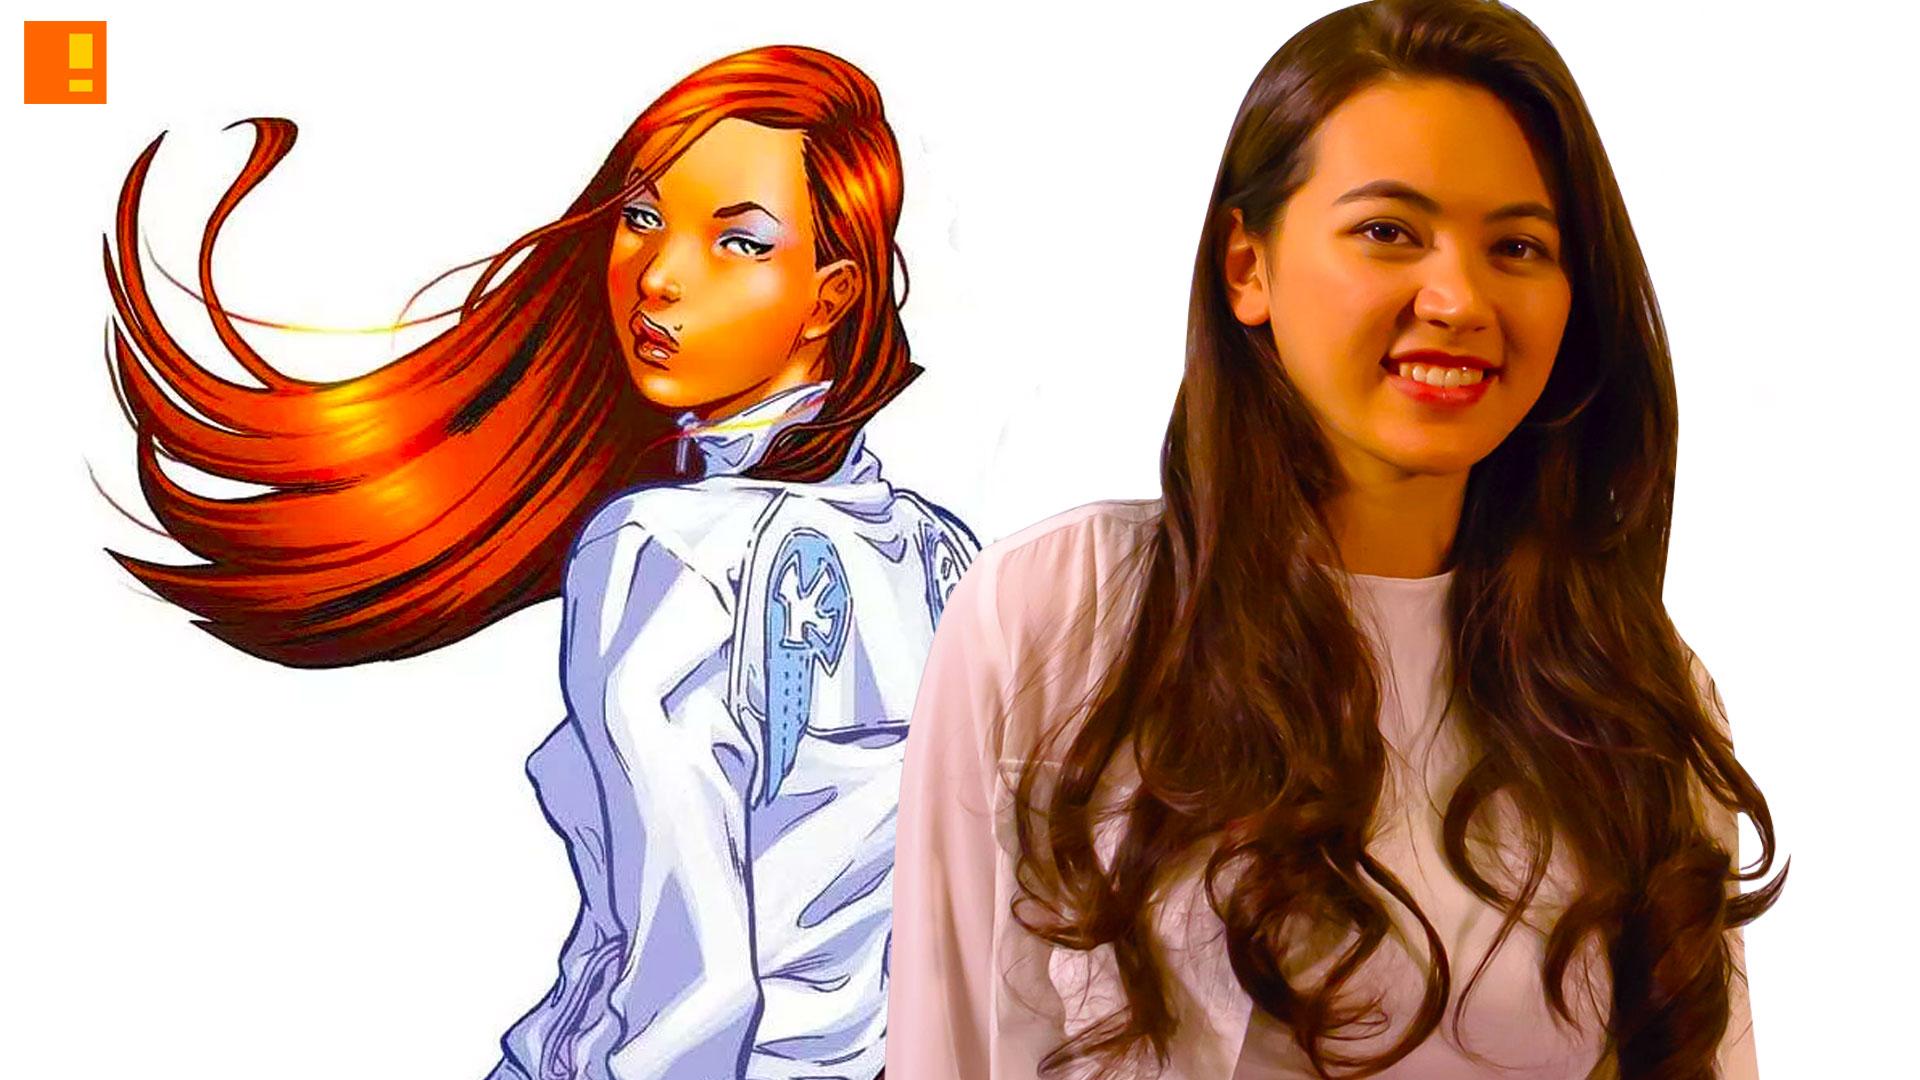 colleen wing henwick jessica fist iron marvel netflix actress comics comic casts theactionpixel joins thrones game relief moviepilot posts